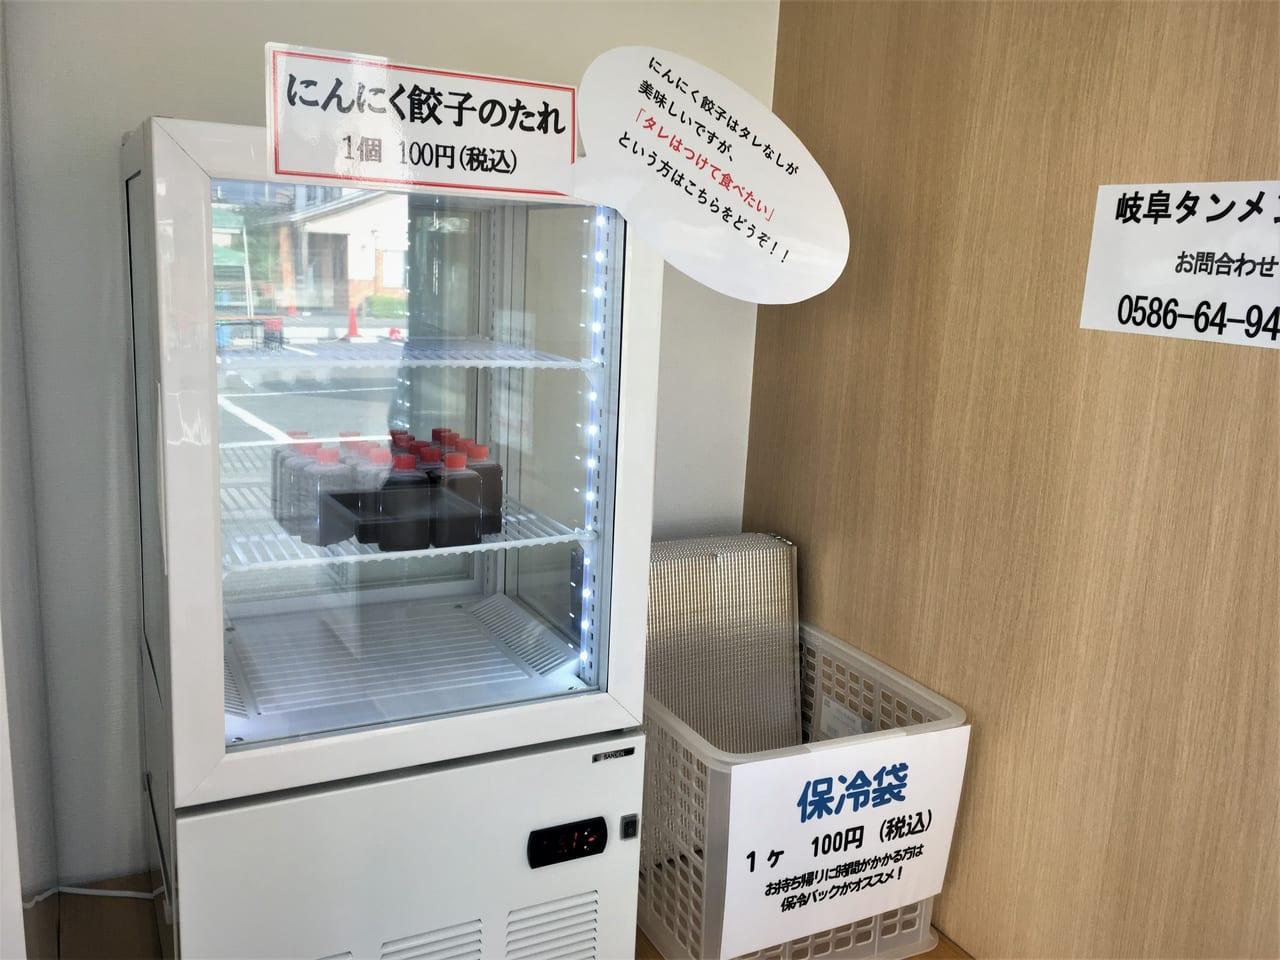 岐阜タンメン にんにく餃子 24時間無人販売所の内装